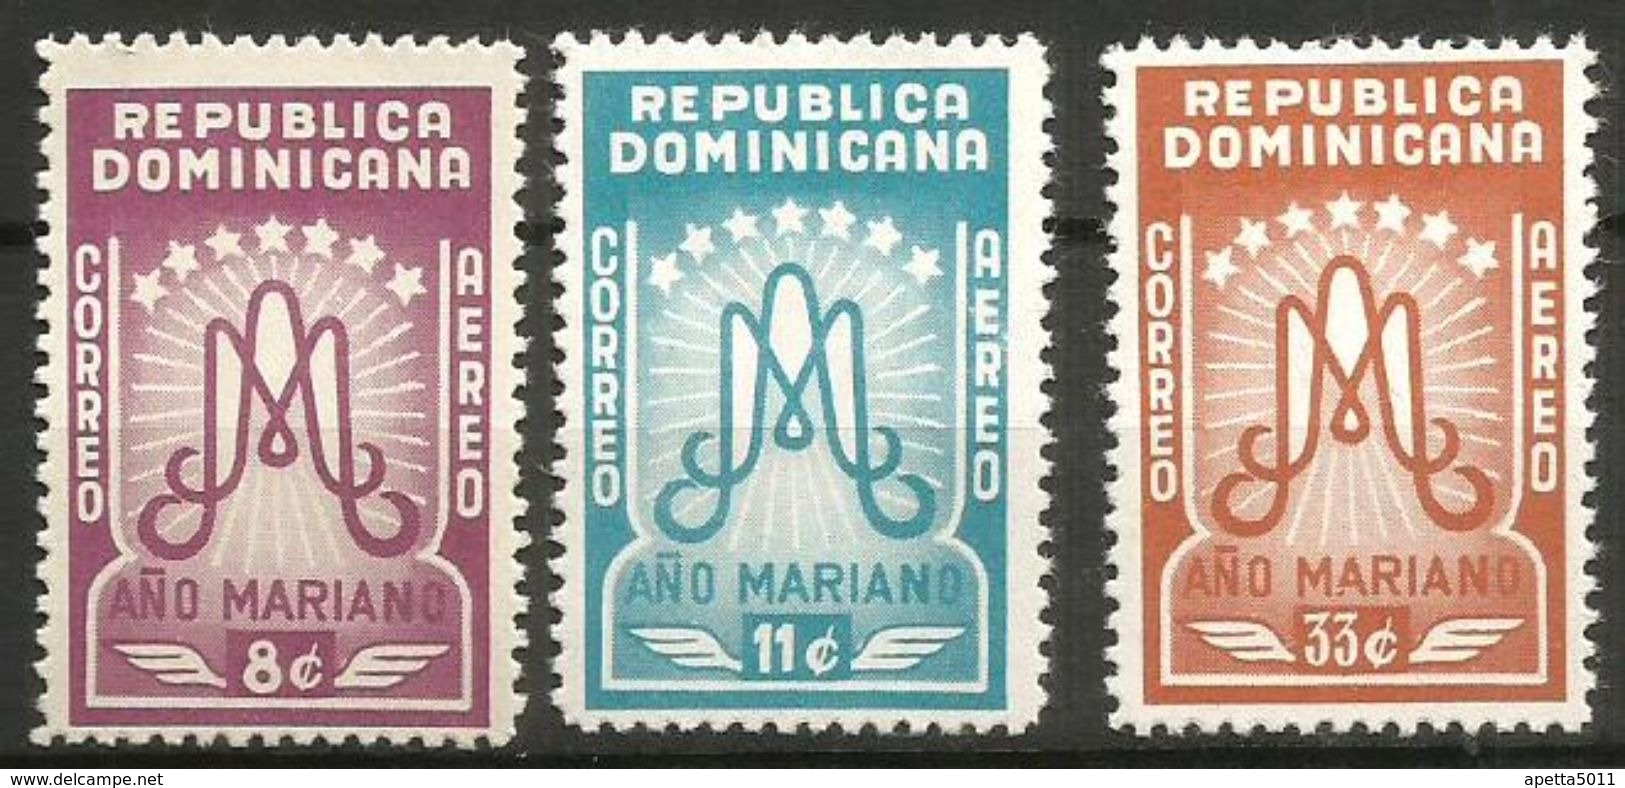 1954 REP DOMINICANA  Anno Mariano Serie Completa Nuova ** MNH - Repubblica Domenicana